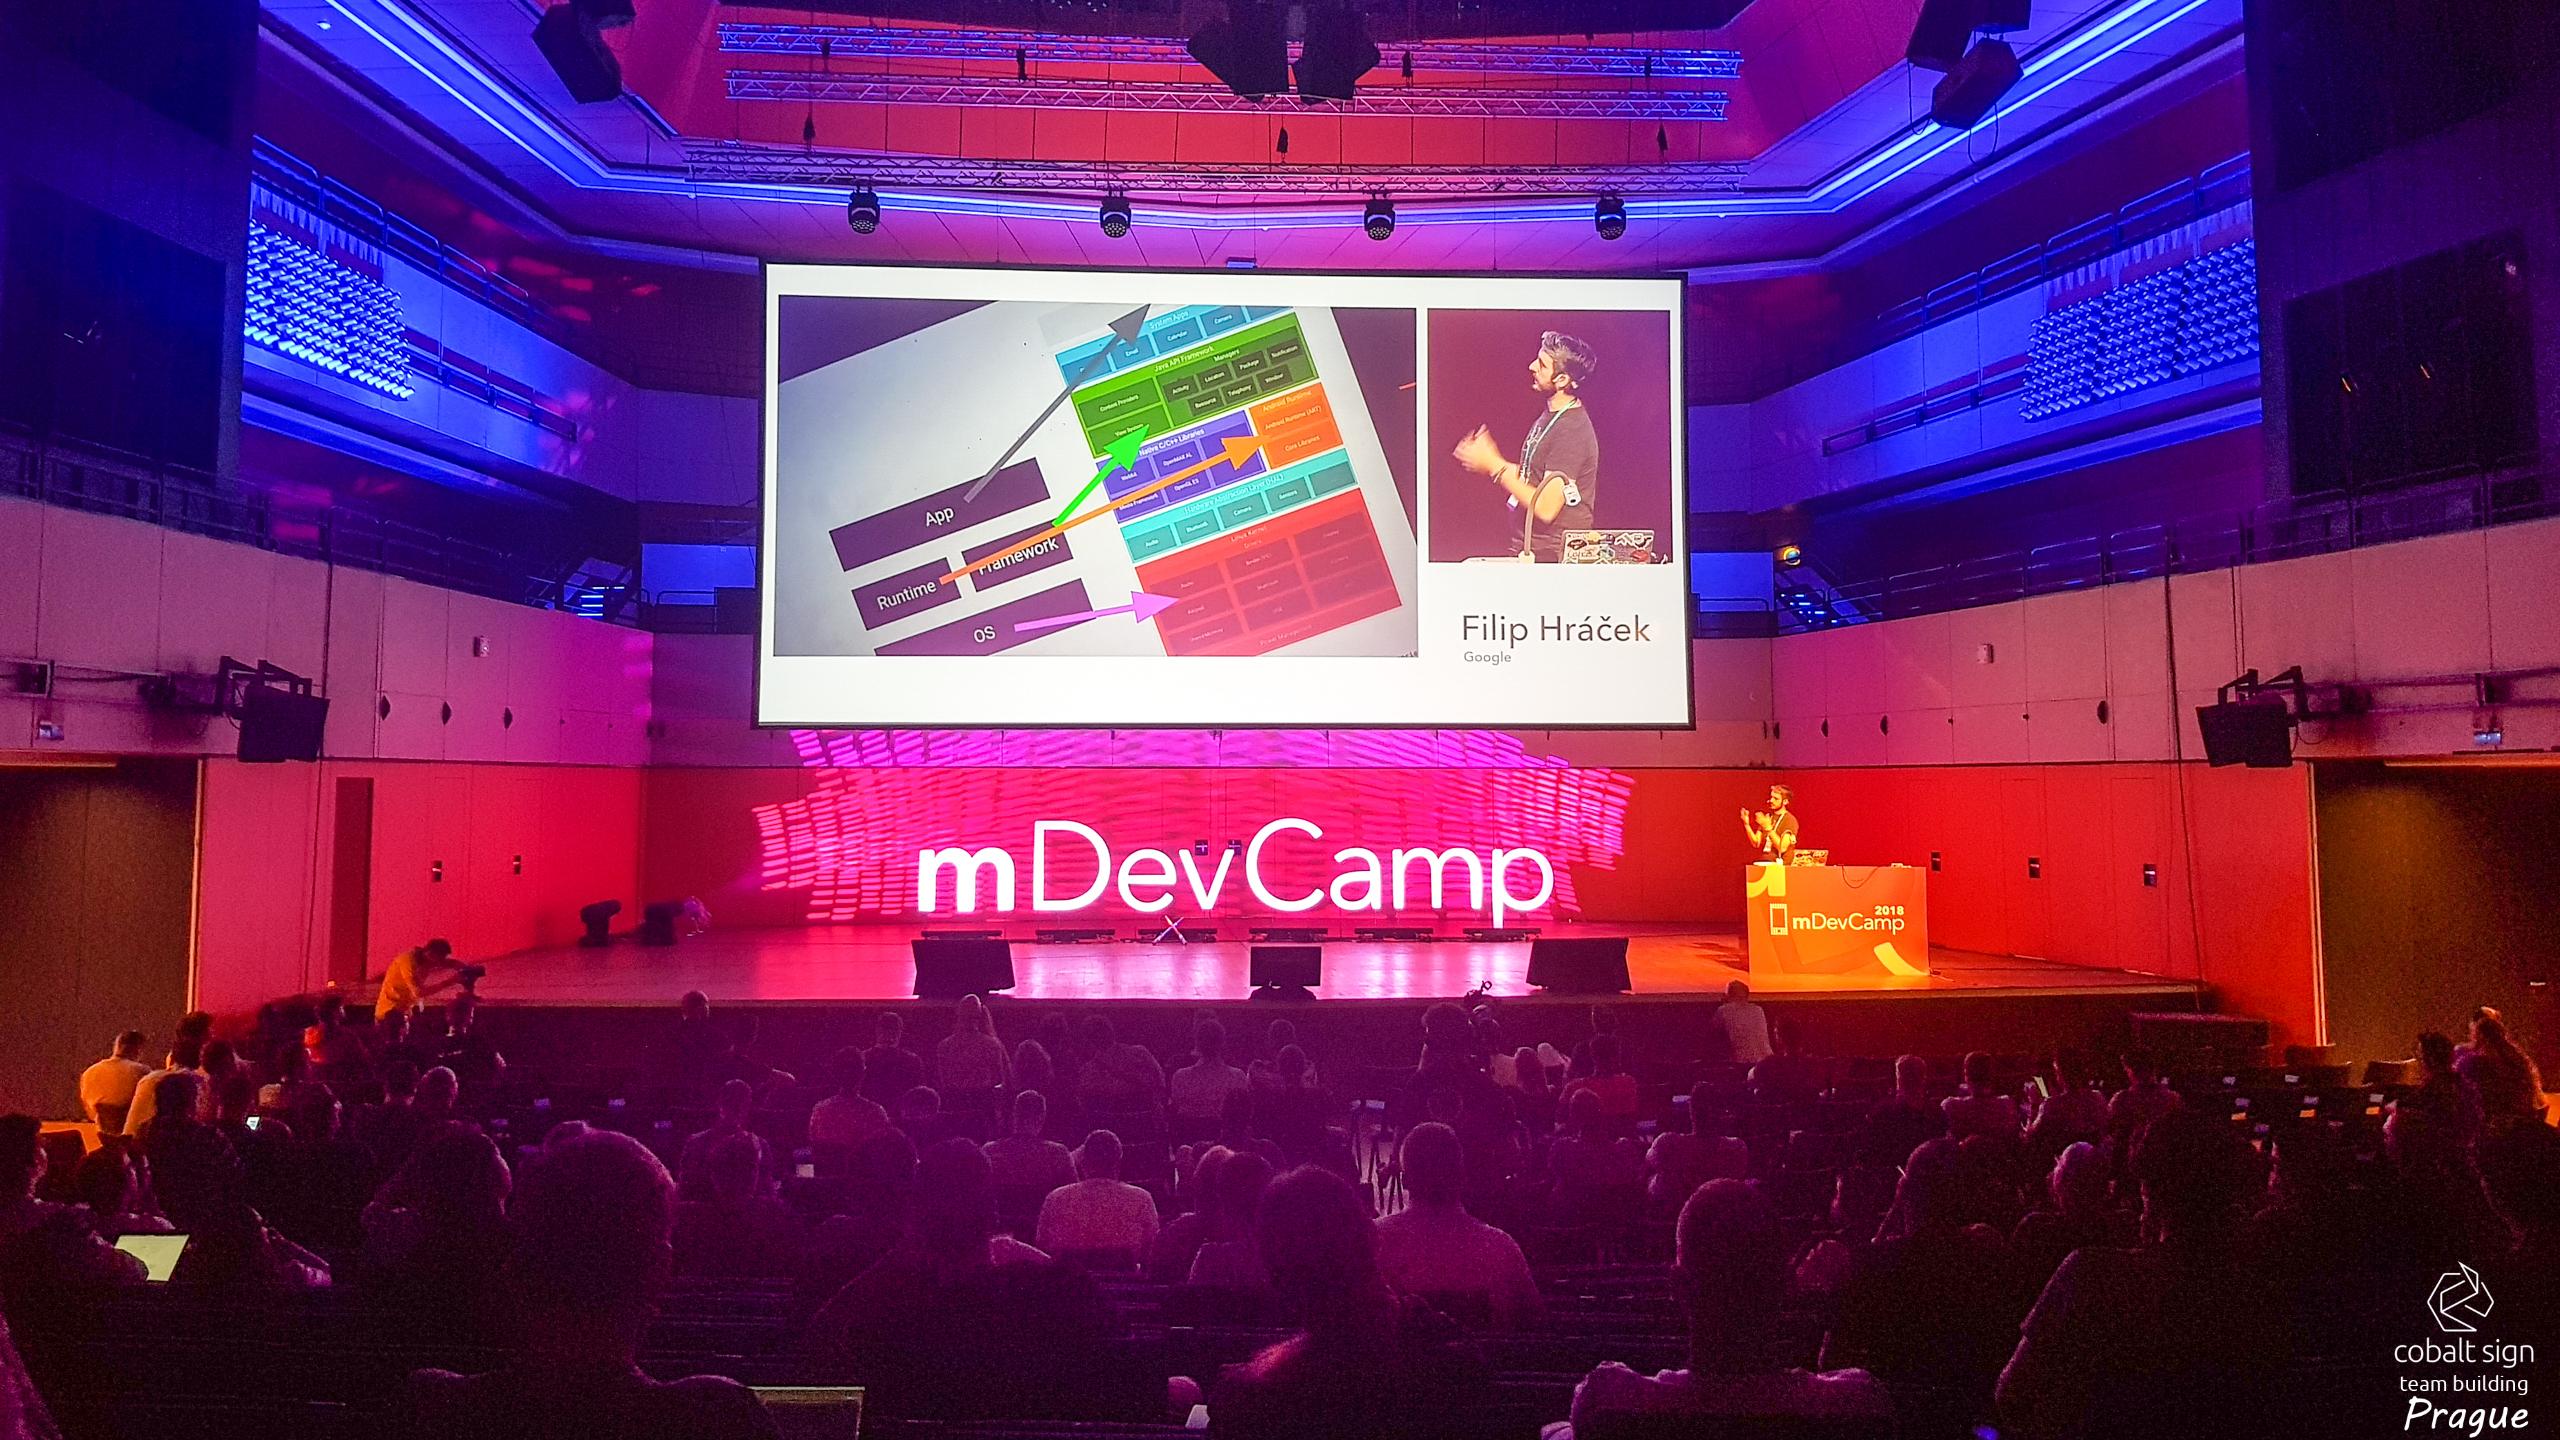 Cobalt Sign Teambuilding Prague - Mobile App Conference mDevCamp - Flutter for Pessimists